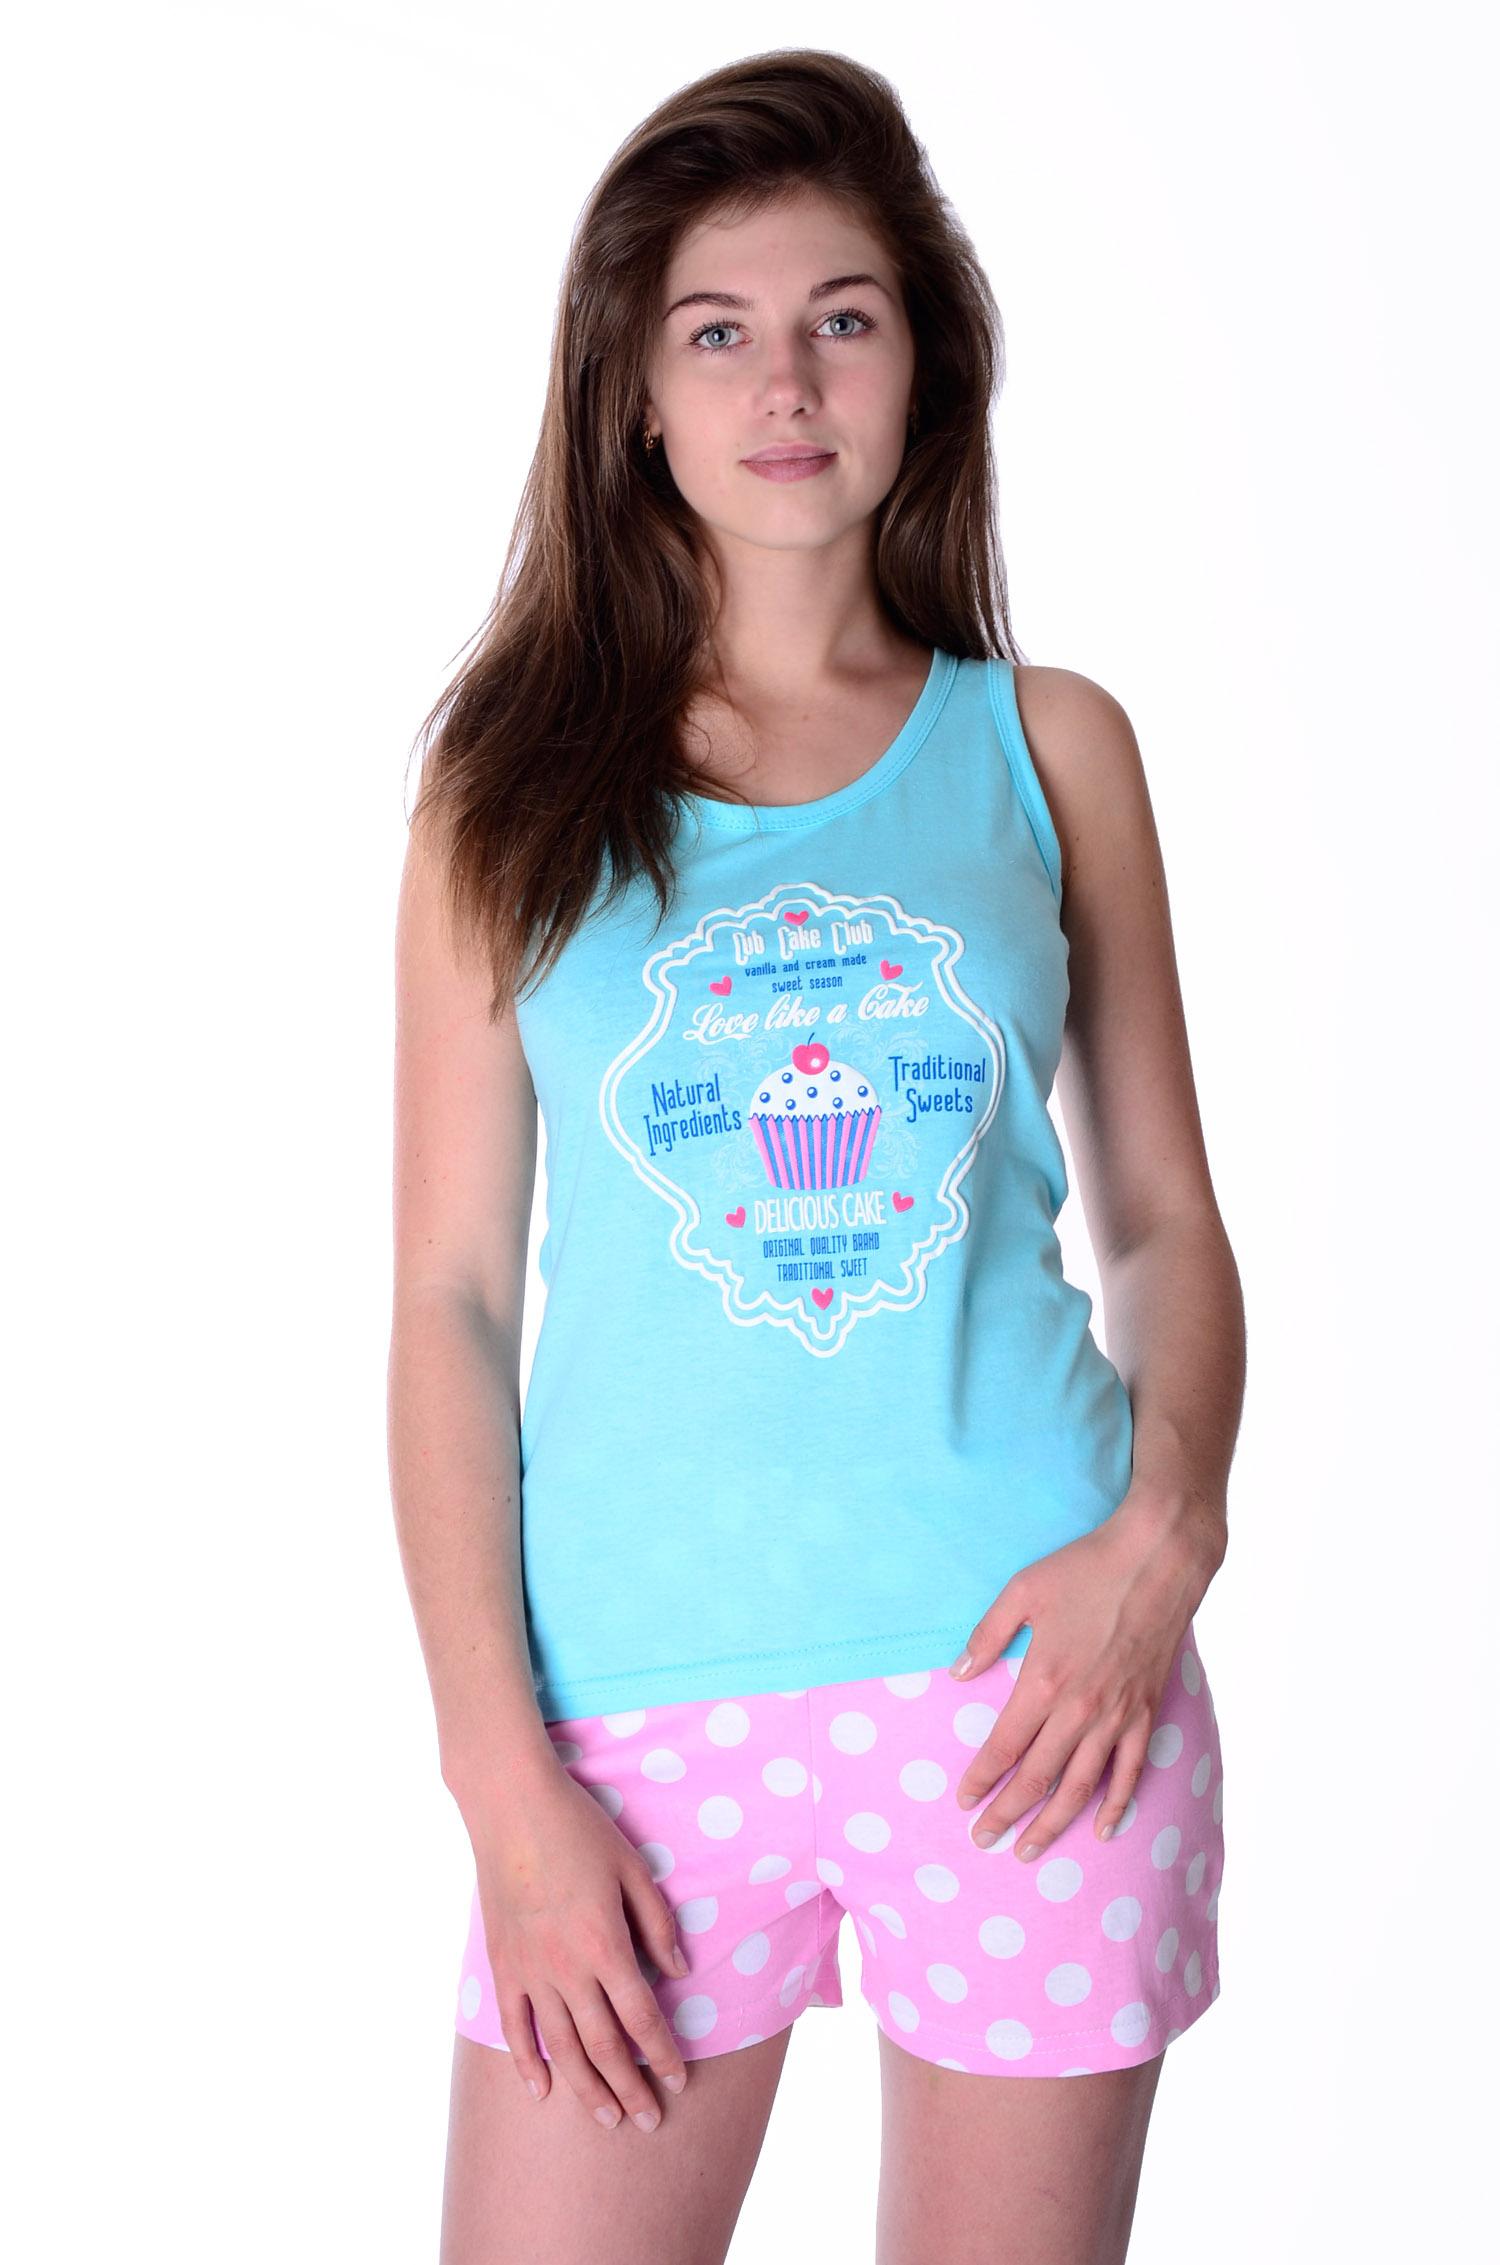 Пижама женская Пироженка (майка и шорты)Домашняя одежда<br><br><br>Размер: 48